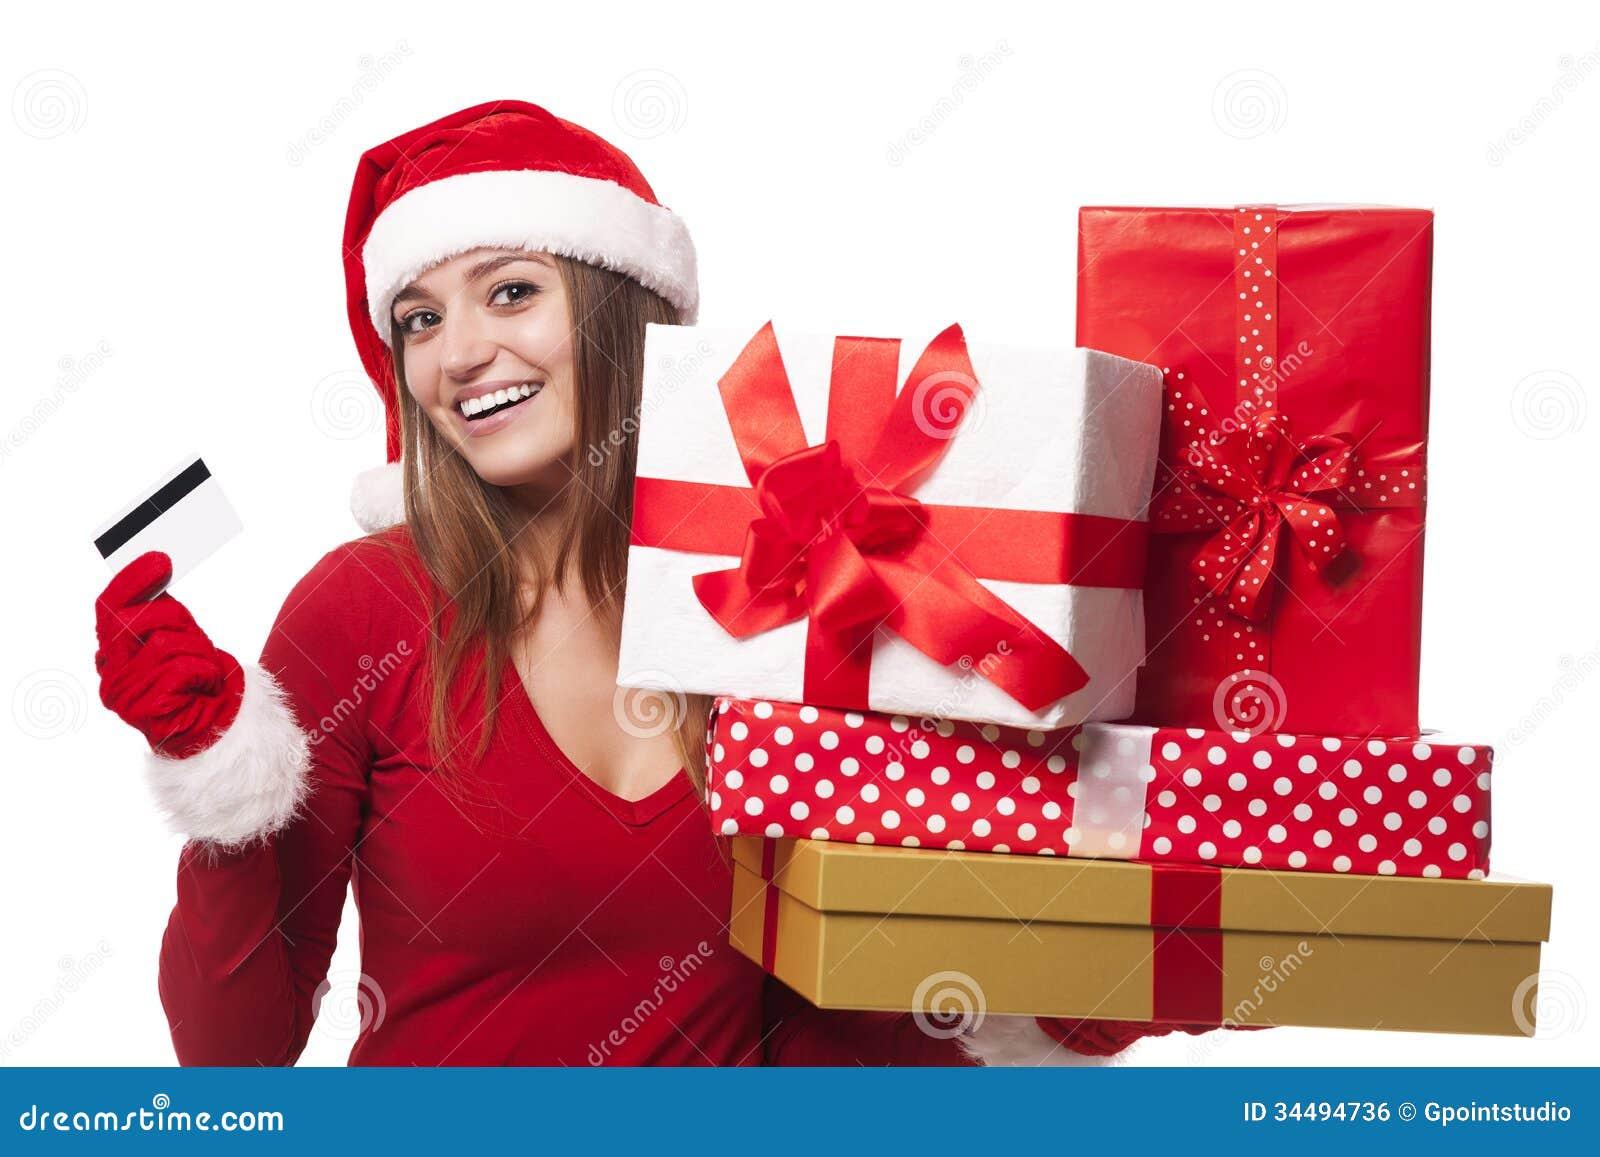 Christmas Shopping Royalty Free Stock Image Image 34494736